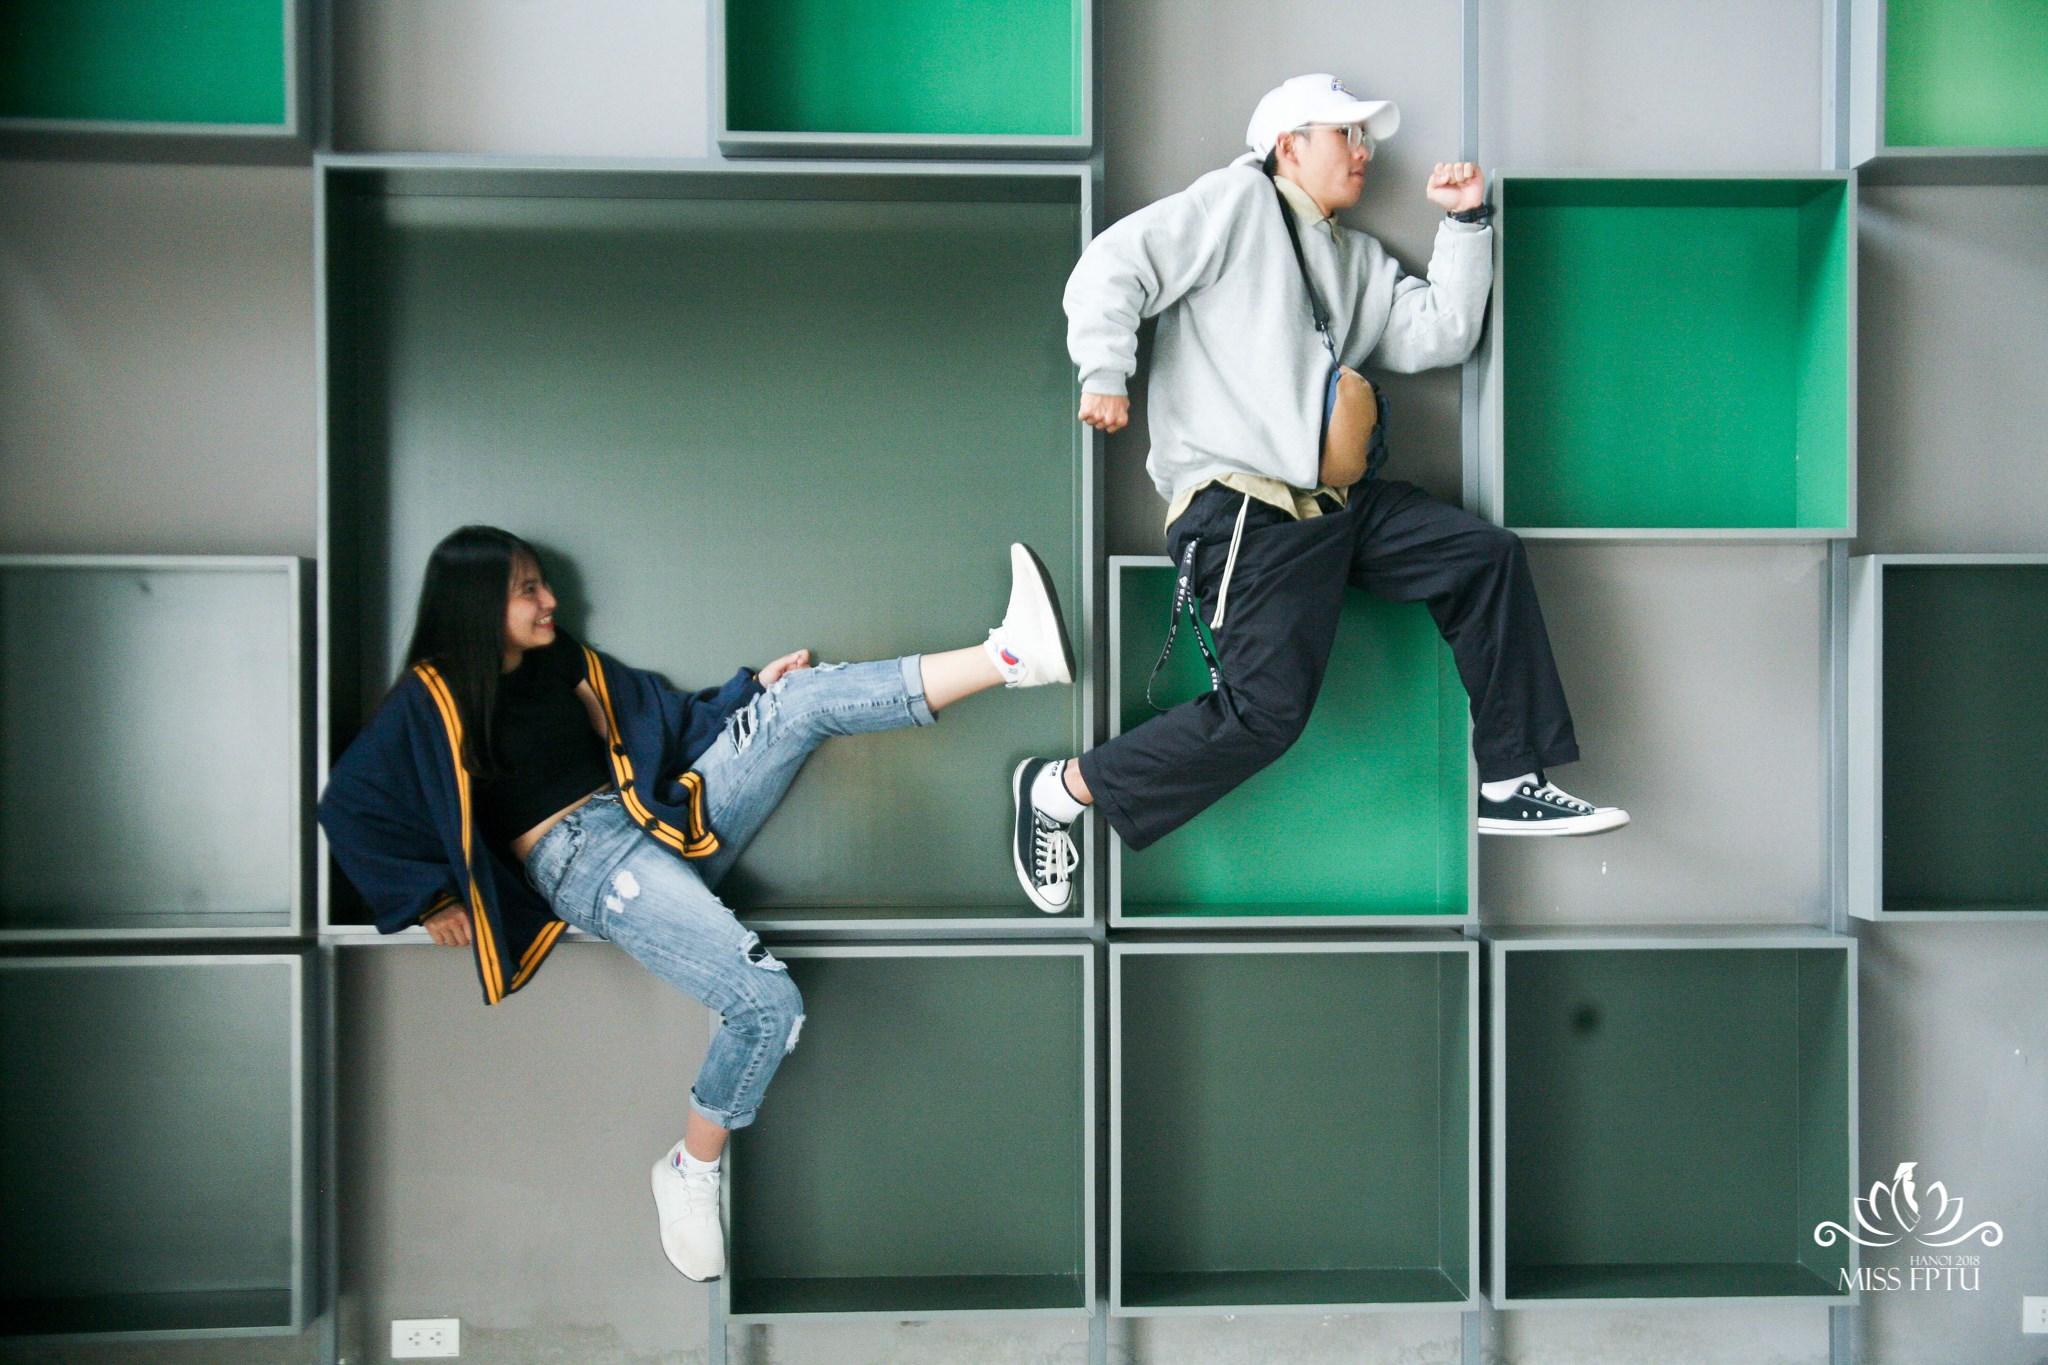 """Trần Thảo Yến - Nguyễn Nhật Nam Concept: """"Nhảy cùng em, anh có dám?"""" Lấy ý tưởng từ bộ phim """"Bước nhảy xì tin"""", Nhật Nam và Thảo Yến không chỉ mang đến cho khán giả hình ảnh về những bước nhảy linh hoạt mà còn là cuộc sống thu nhỏ của giới hip-hop tại Đại học FPT. Ở đó, người xem có thể thấy hình ảnh quậy phá xen lẫn tình yêu trong sáng của tuổi trẻ."""